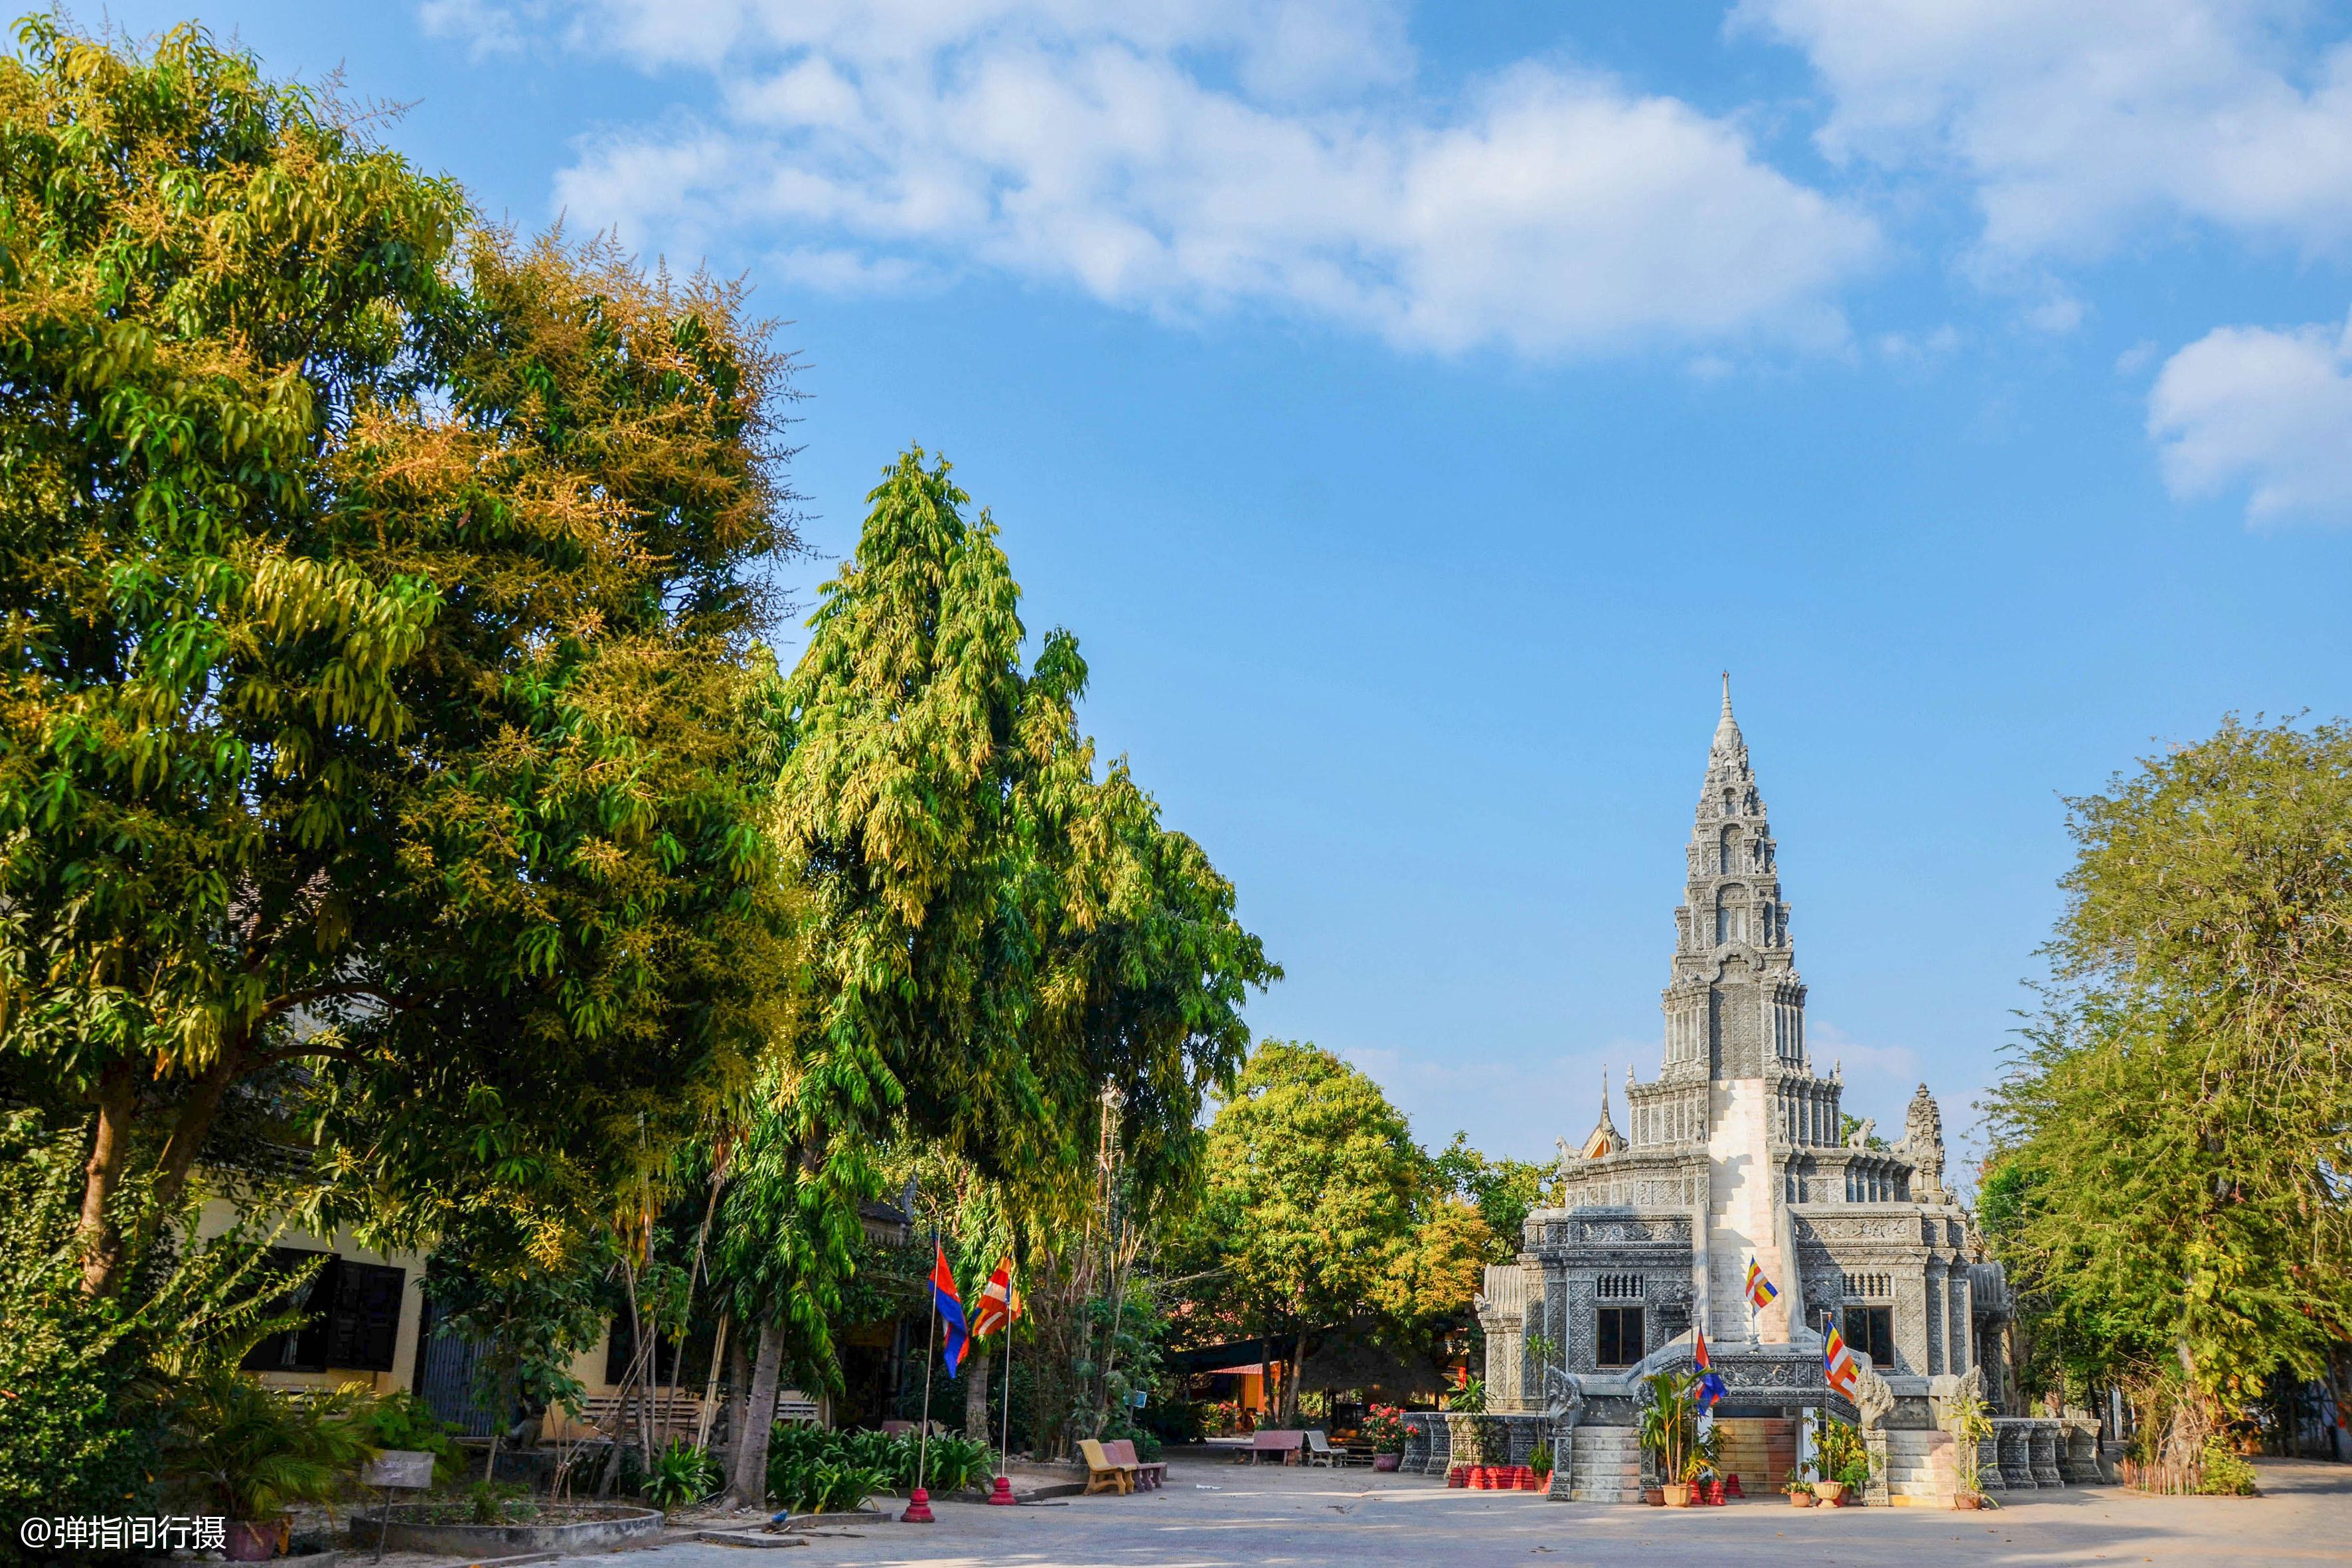 旅行成本最低的10座城?柬埔寨暹粒排第五,可那里的食物太吓人